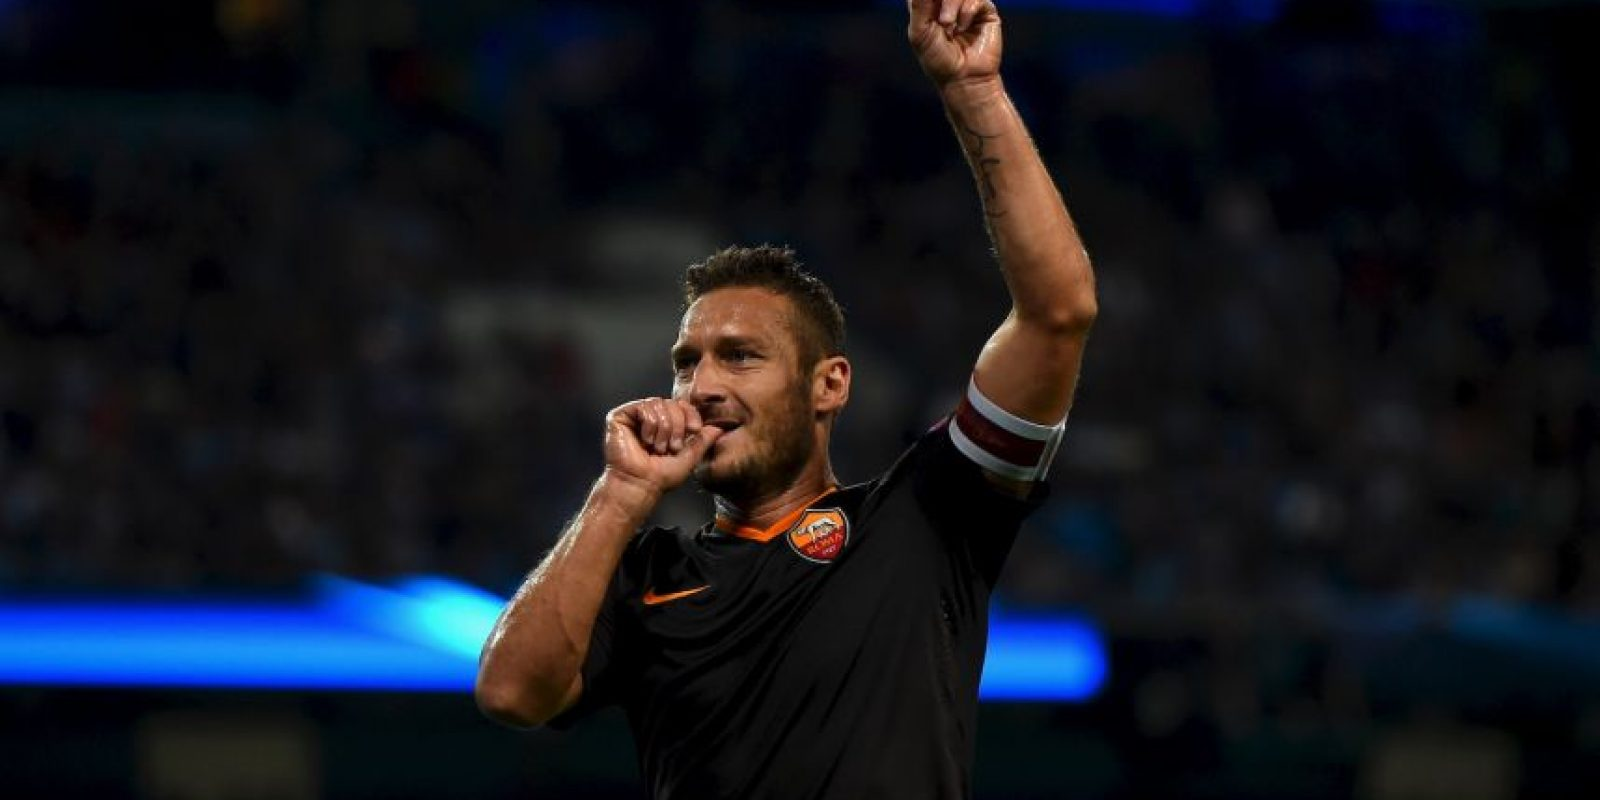 Francesco Totti tiene a su haber otro récord. Además de los que suma con la Roma, Il Capitano es el jugador más viejo que ha anotado en Champions League por su tanto anotado ante el CSKA Moscú en la temporada 2014/2015, cuando tenía 38 años y superó la marca de Ryan Giggs Foto:Getty Images